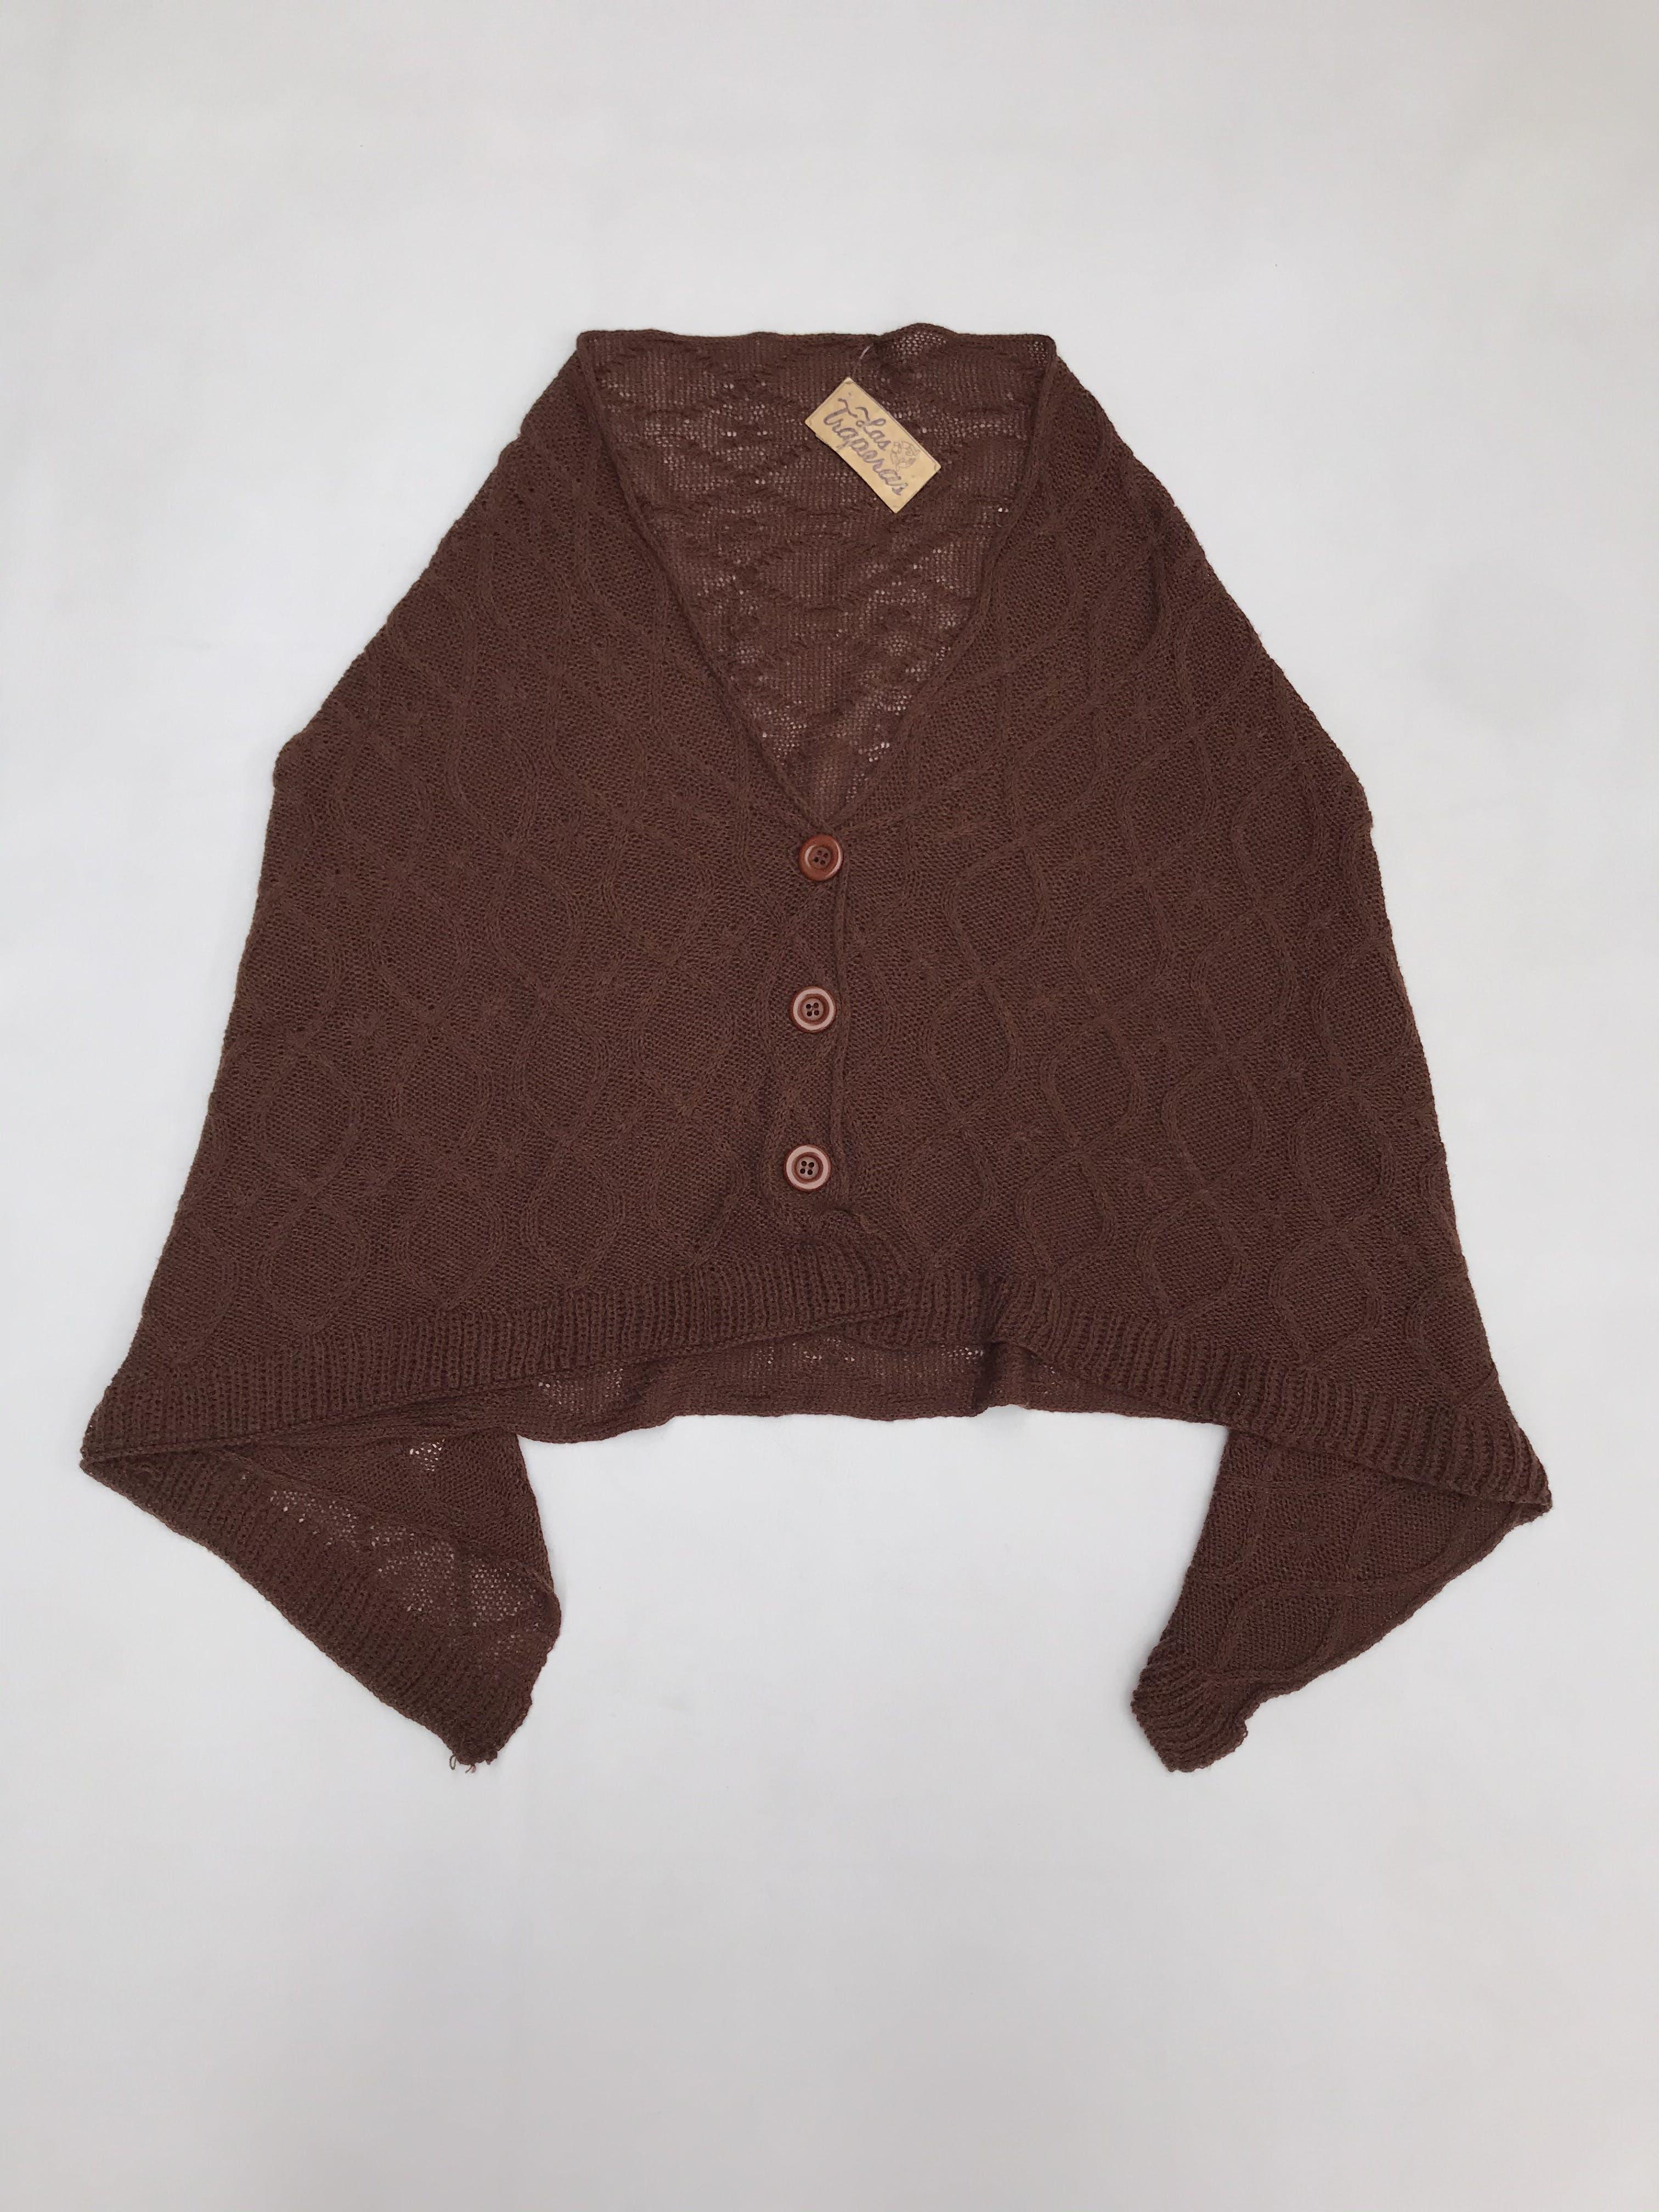 Poncho tejido marrón con 3 botones al centro